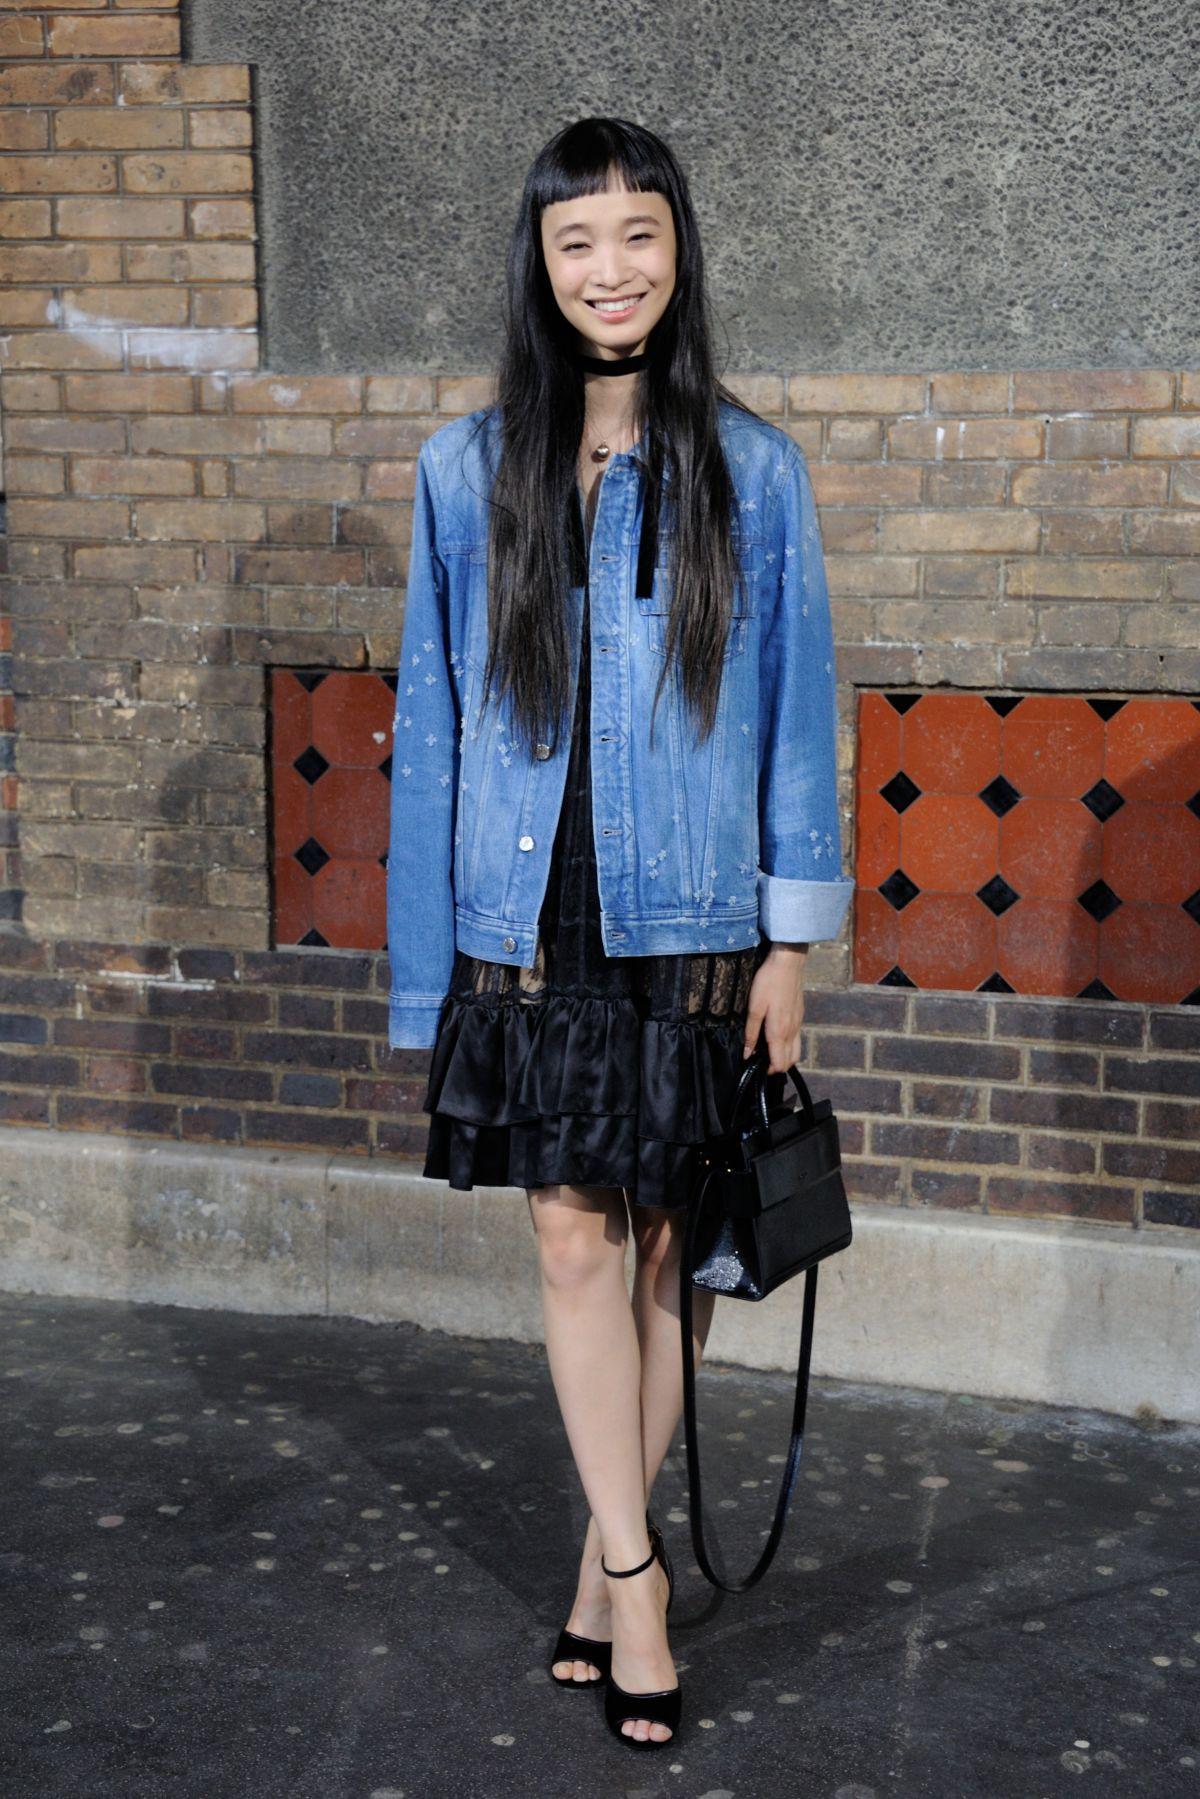 YUKA MANNAMI at Gvenchy Fashion Show in Paris 06/24/2016